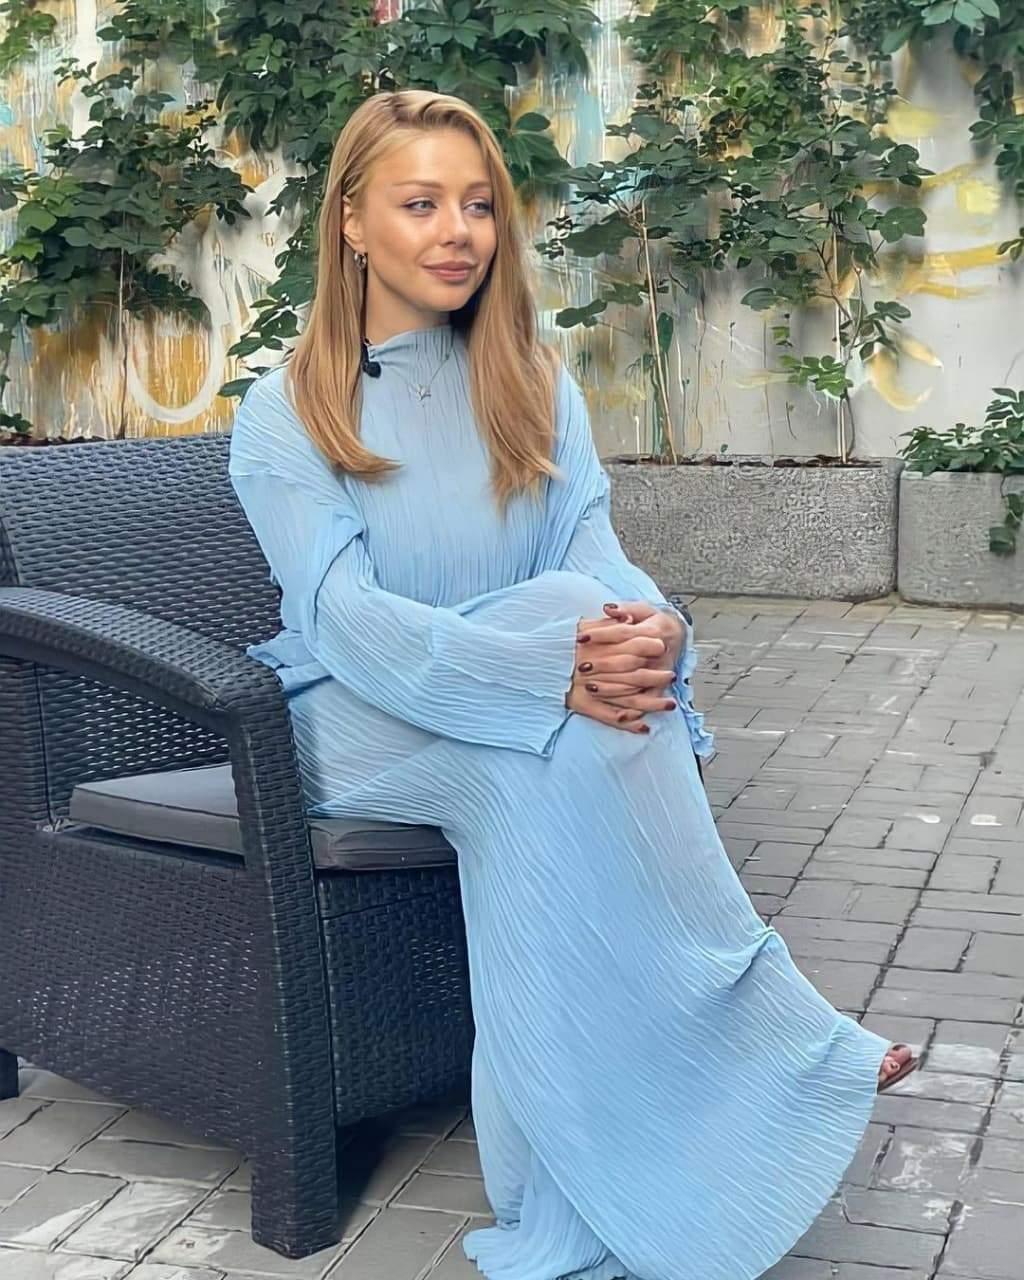 Тіна Кароль у ніжному голубому костюмі